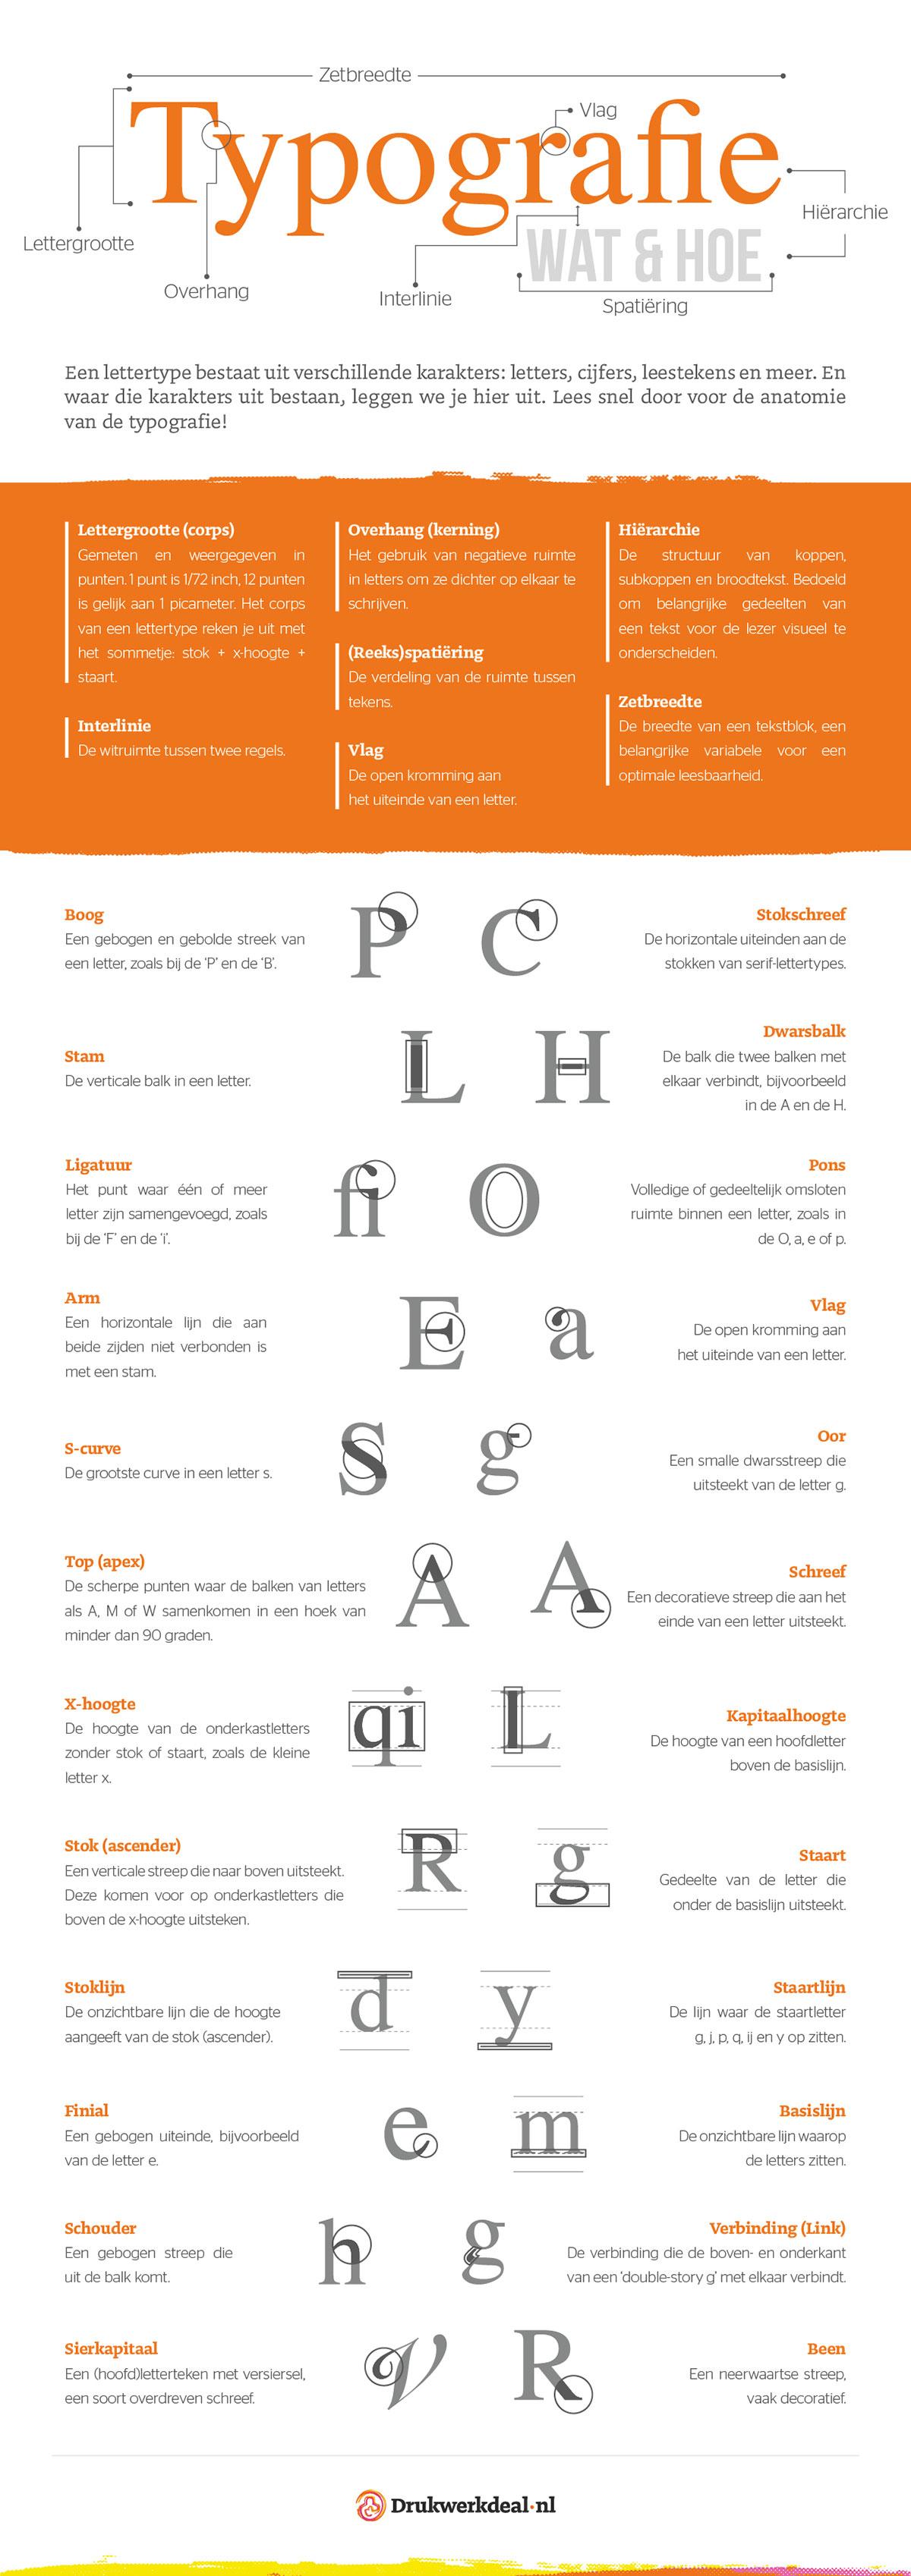 infographic-typografie